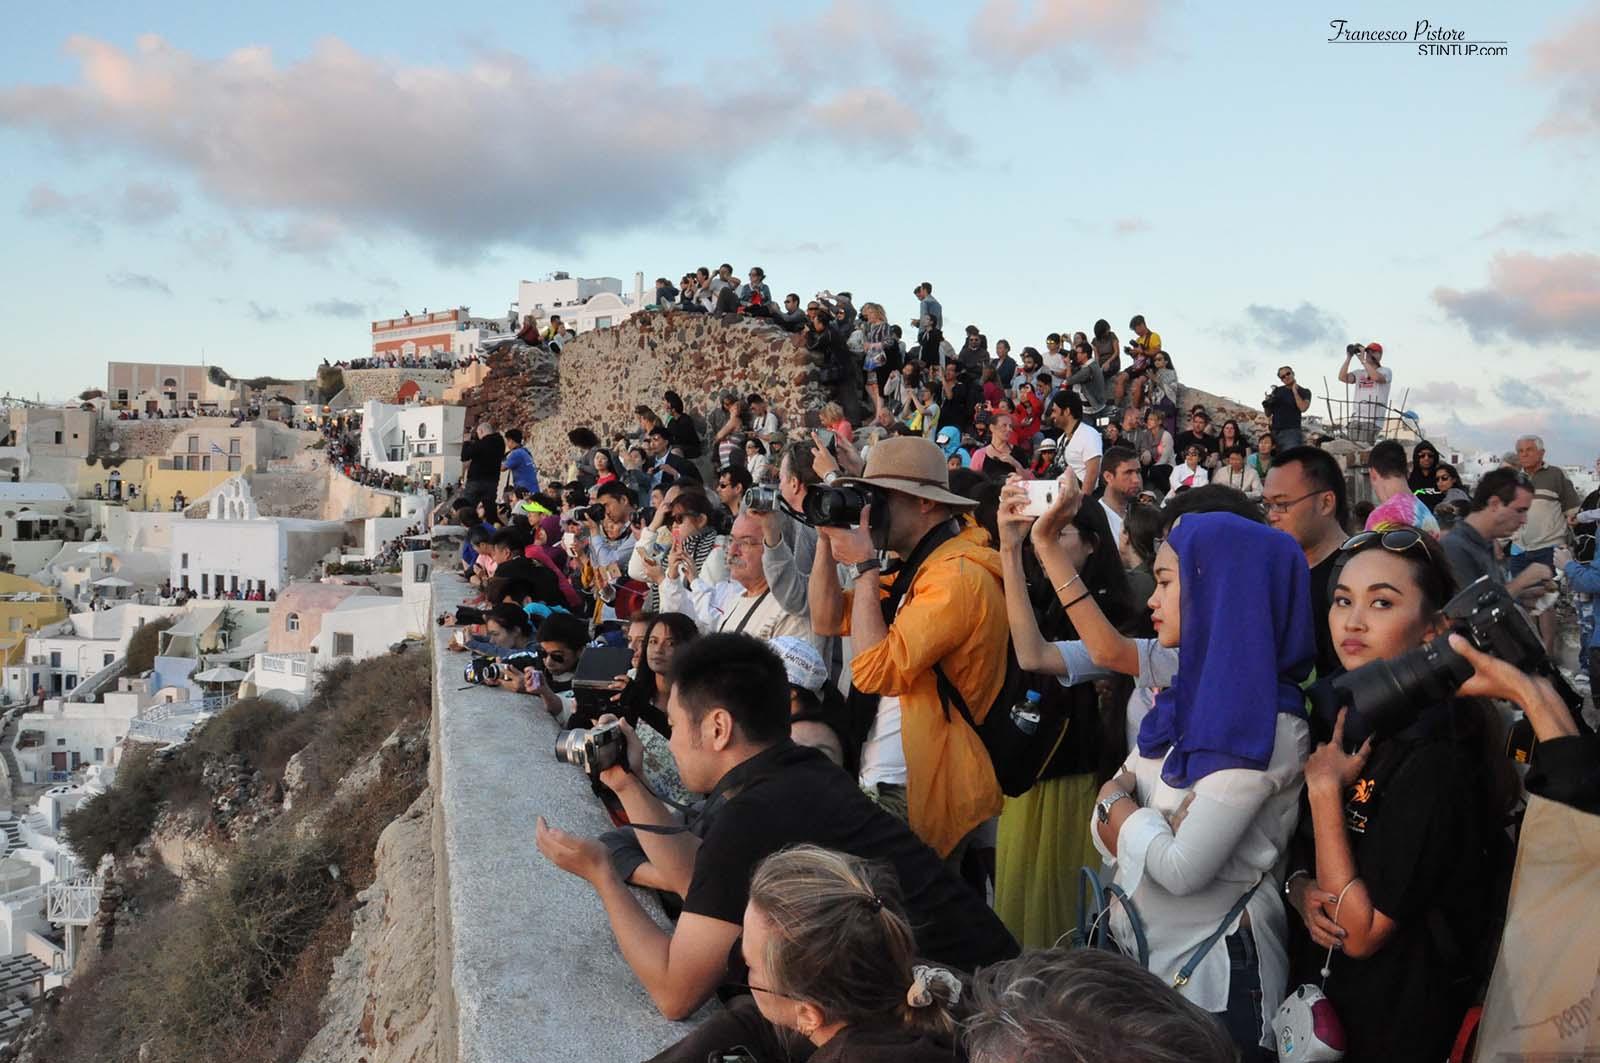 Persone in attesa del tramonto a Oia, Santorini.